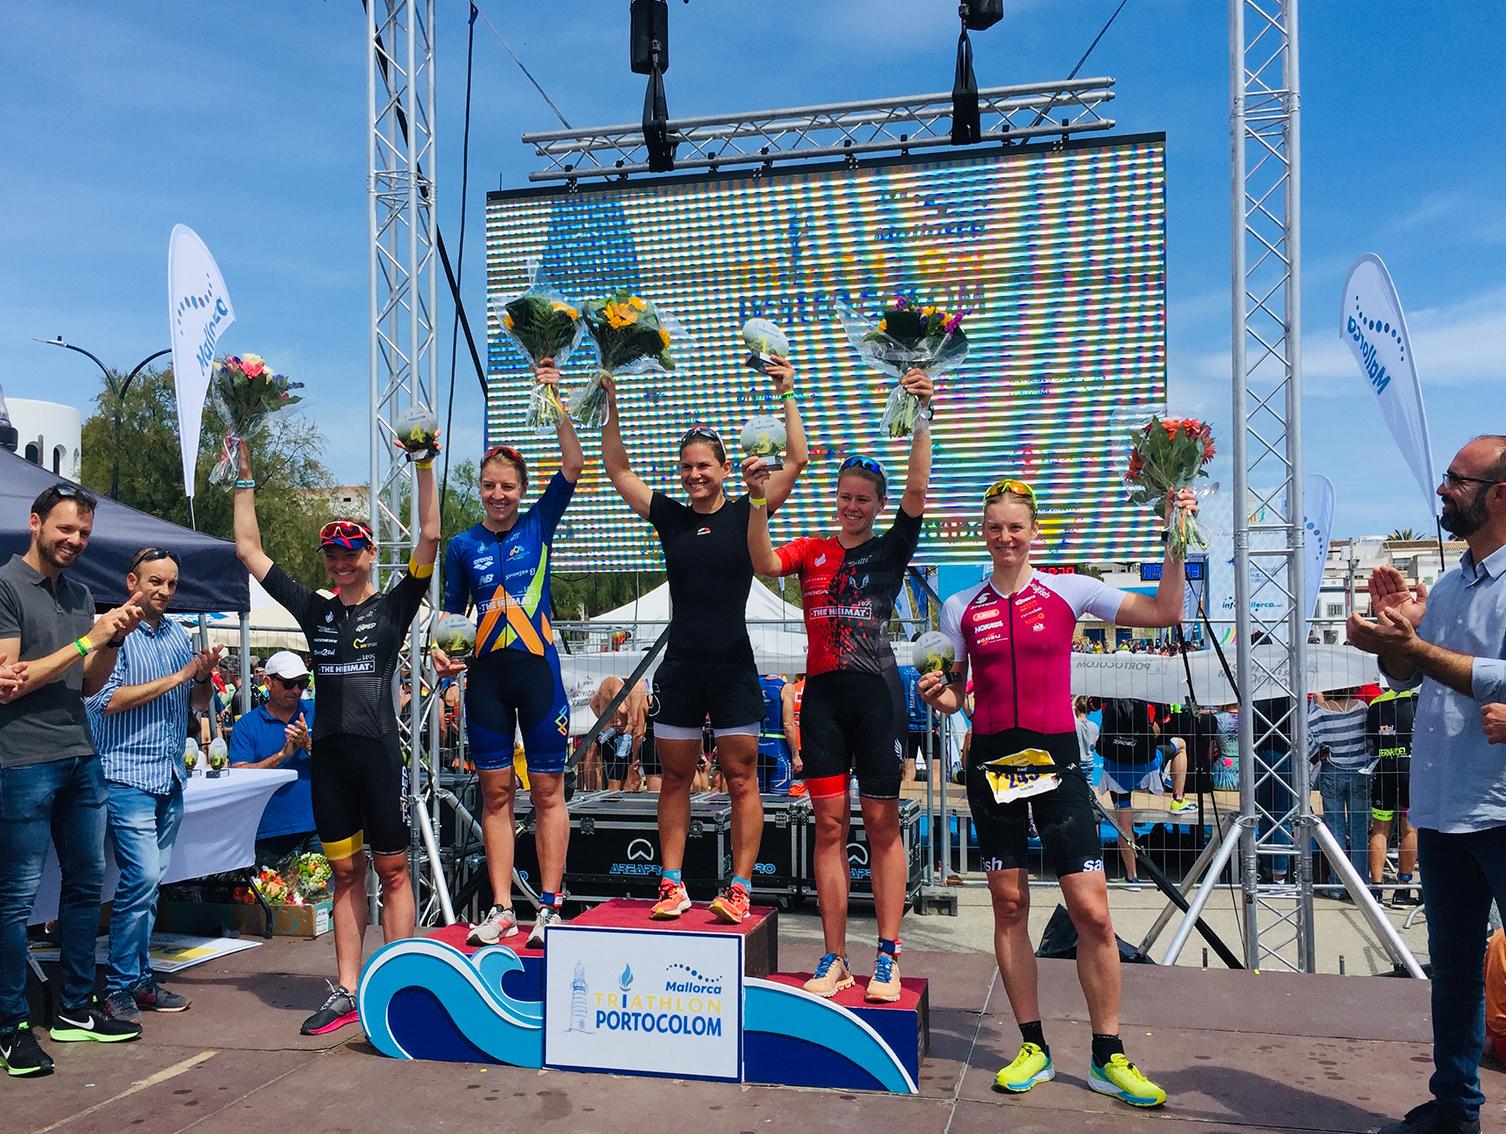 Triathlon Portocolom 2019, Mallorca